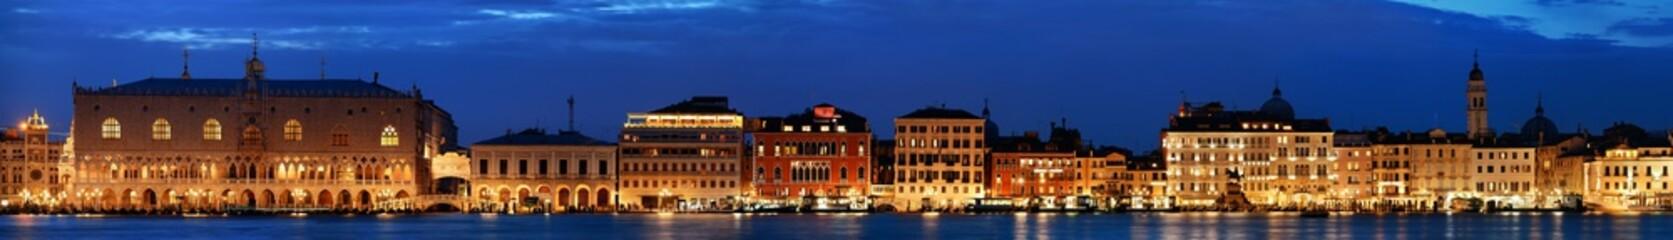 Wenecja panorama nocą